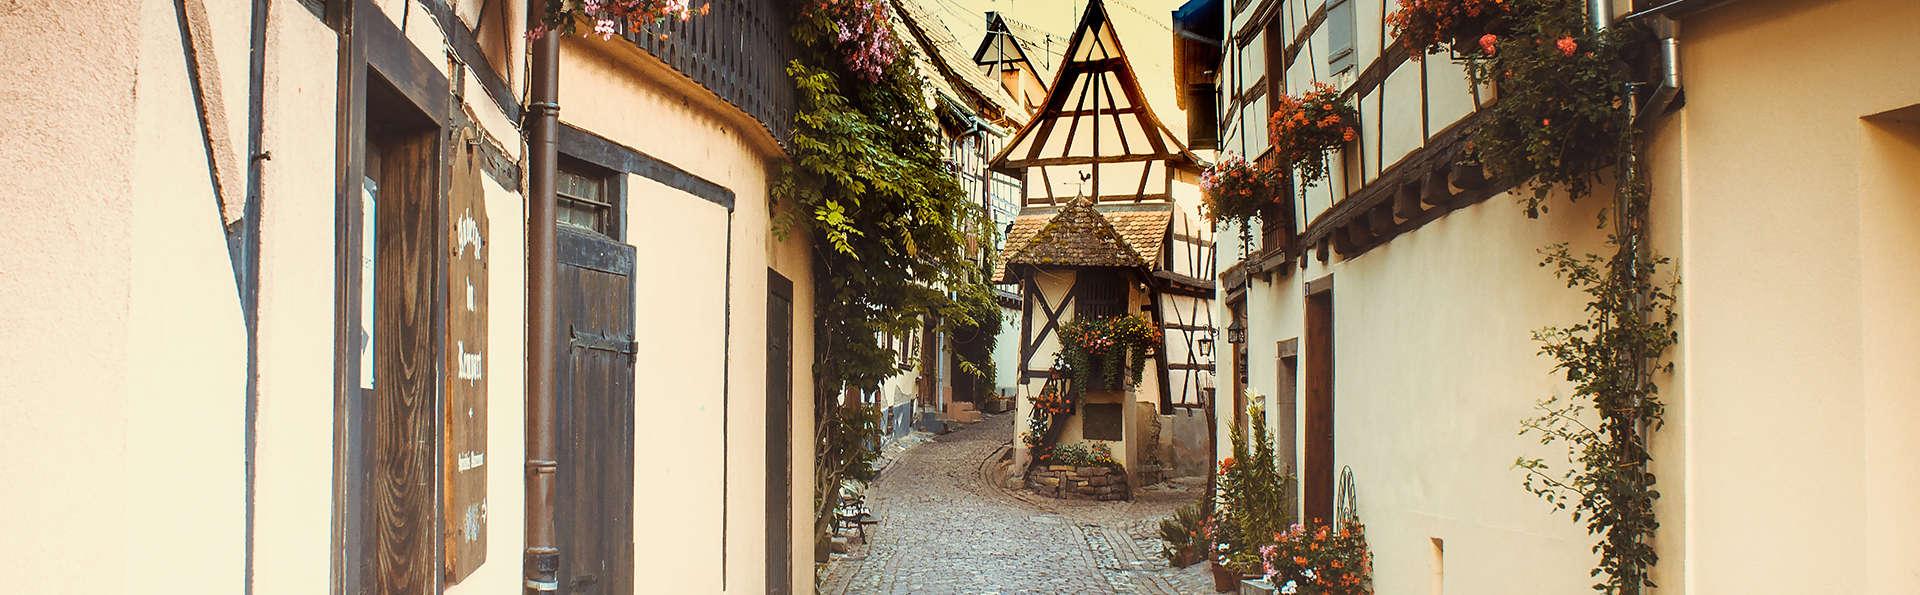 Charme français et saveurs traditionnelles dans un village médiéval en Alsace